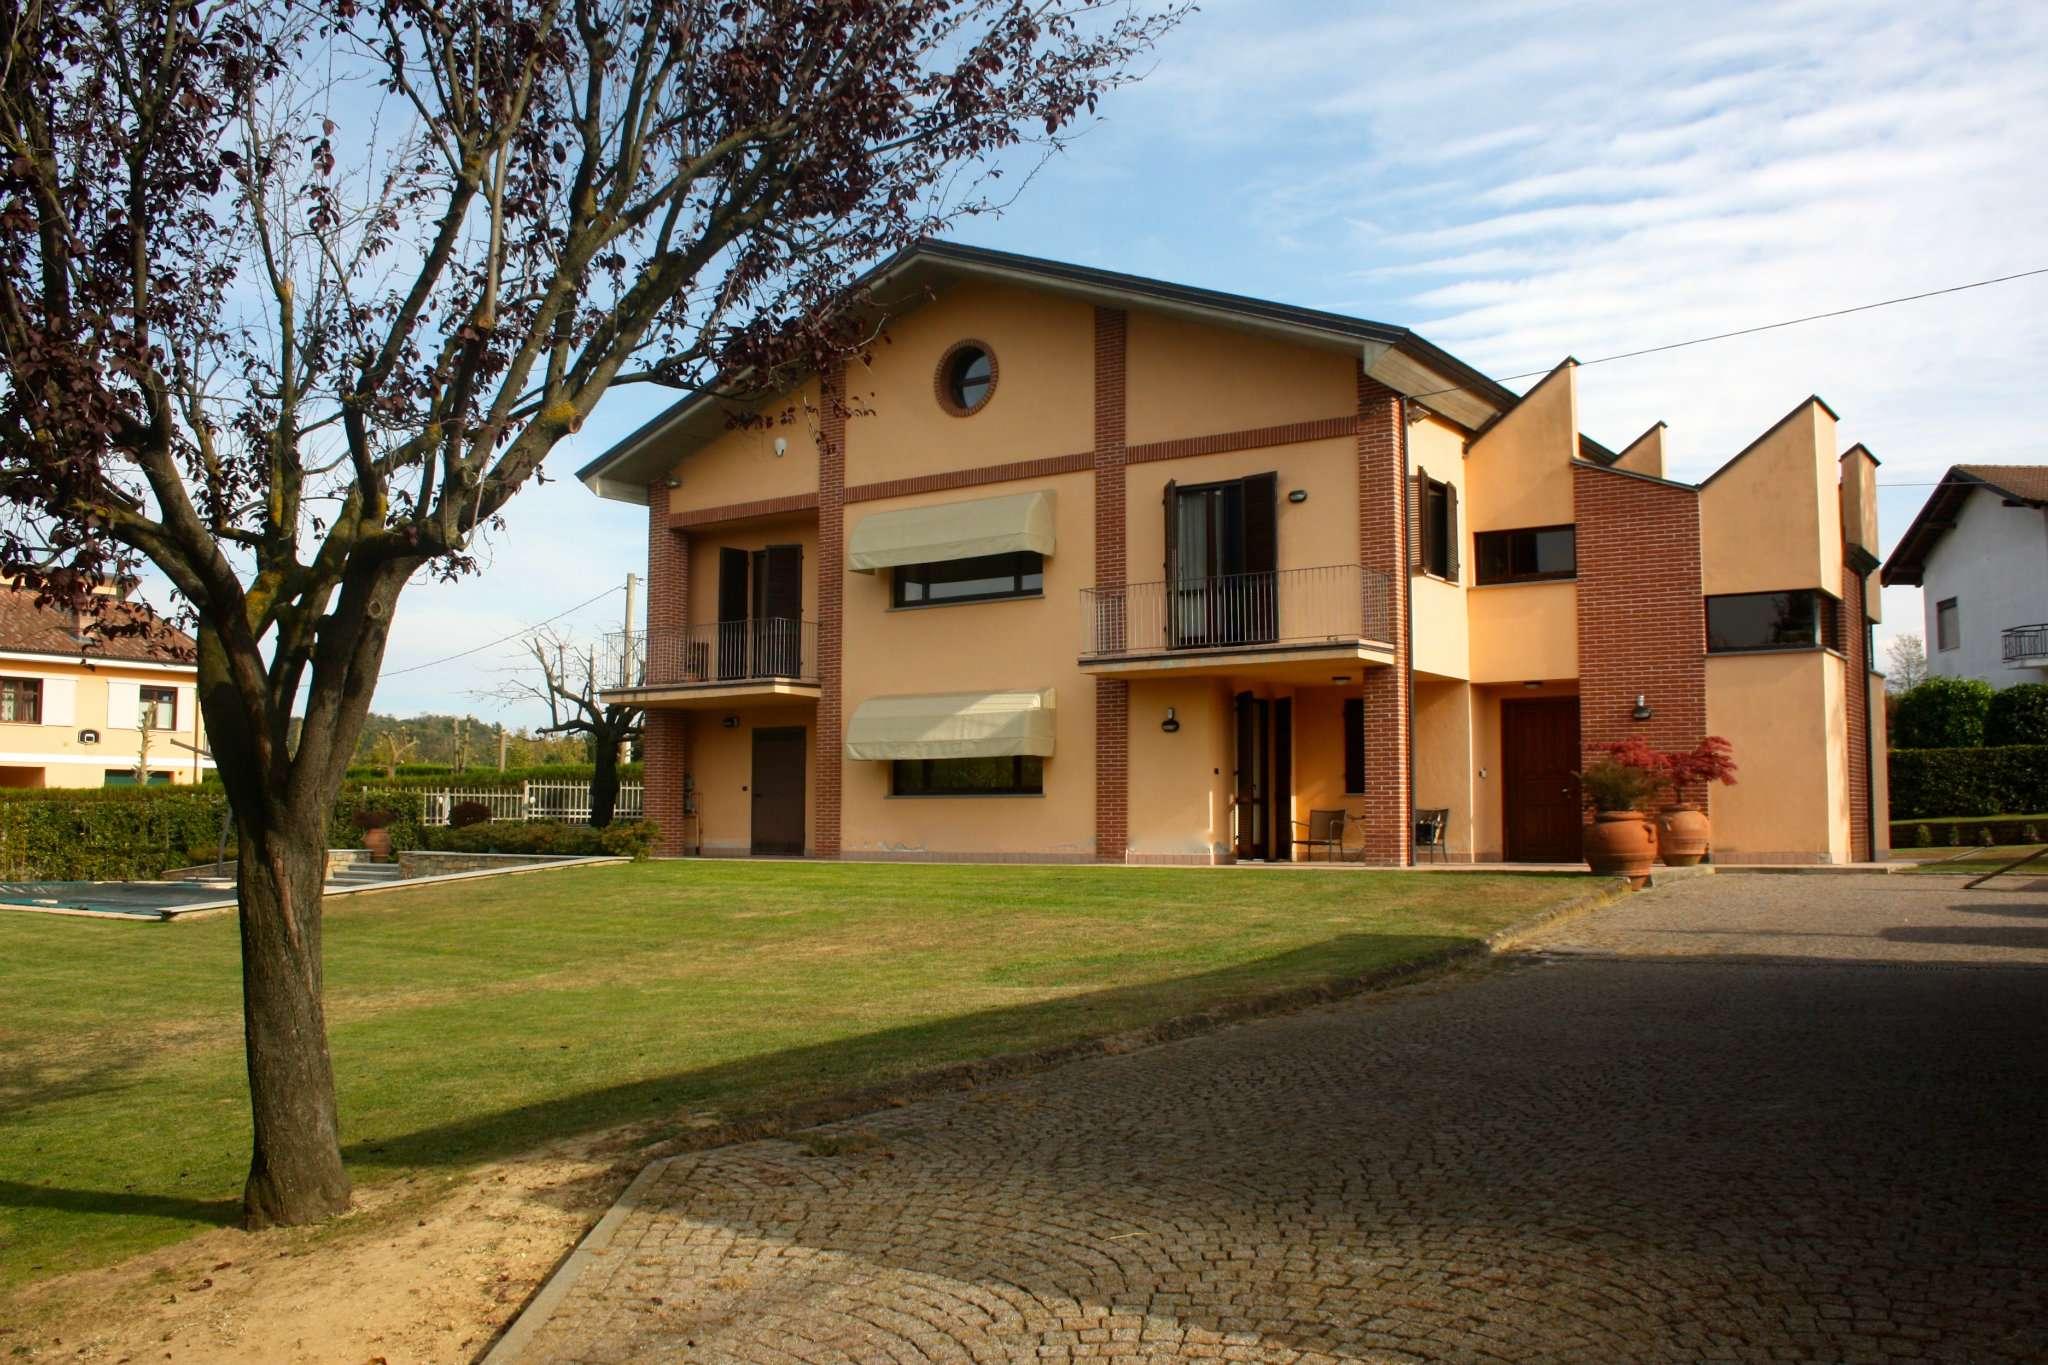 Villa in vendita a Bra, 9 locali, Trattative riservate | CambioCasa.it